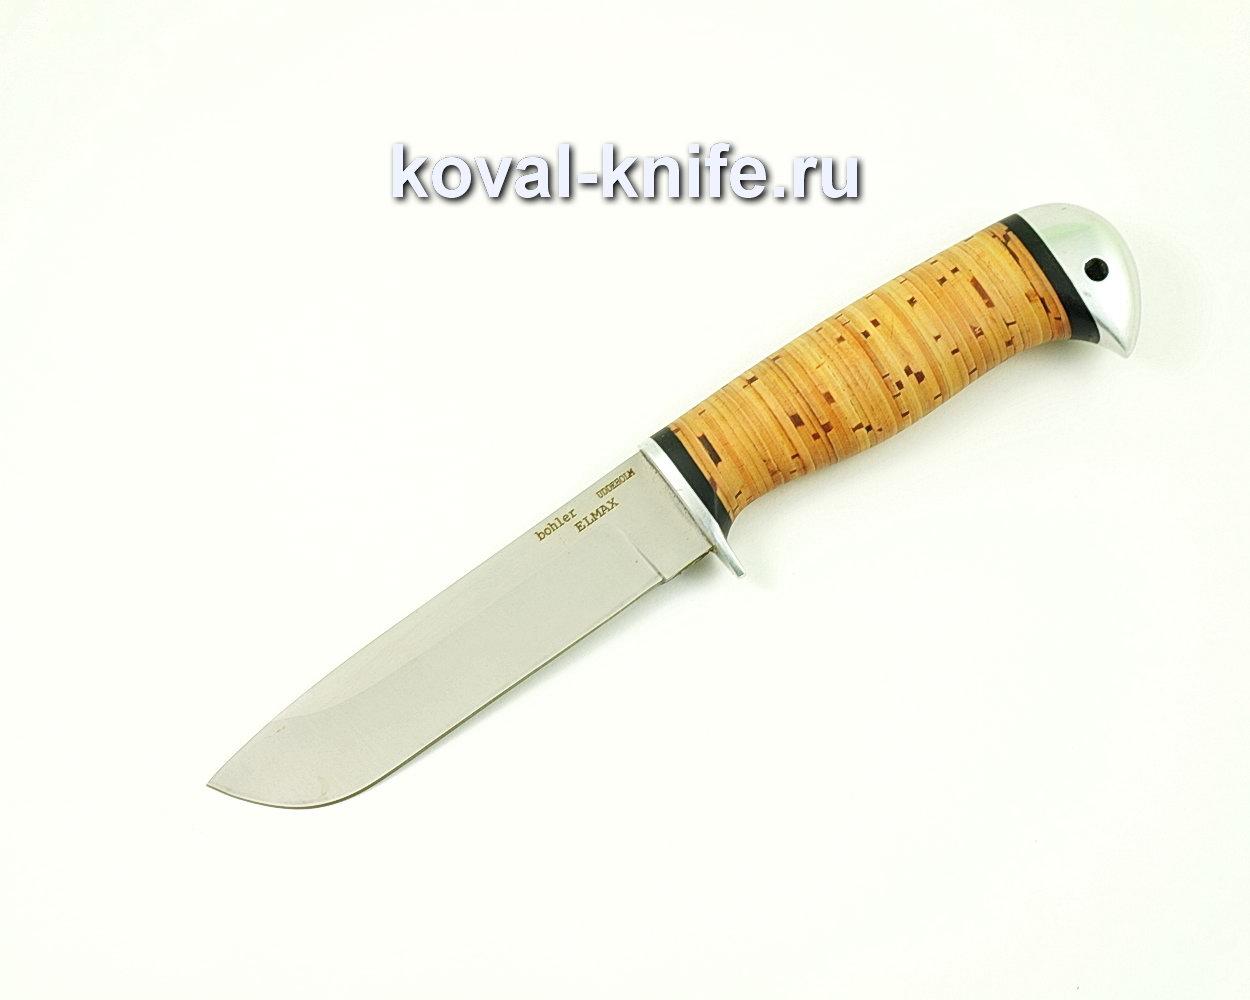 Нож Белка из порошковой стали Elmax (рукоять граб и береста) A395